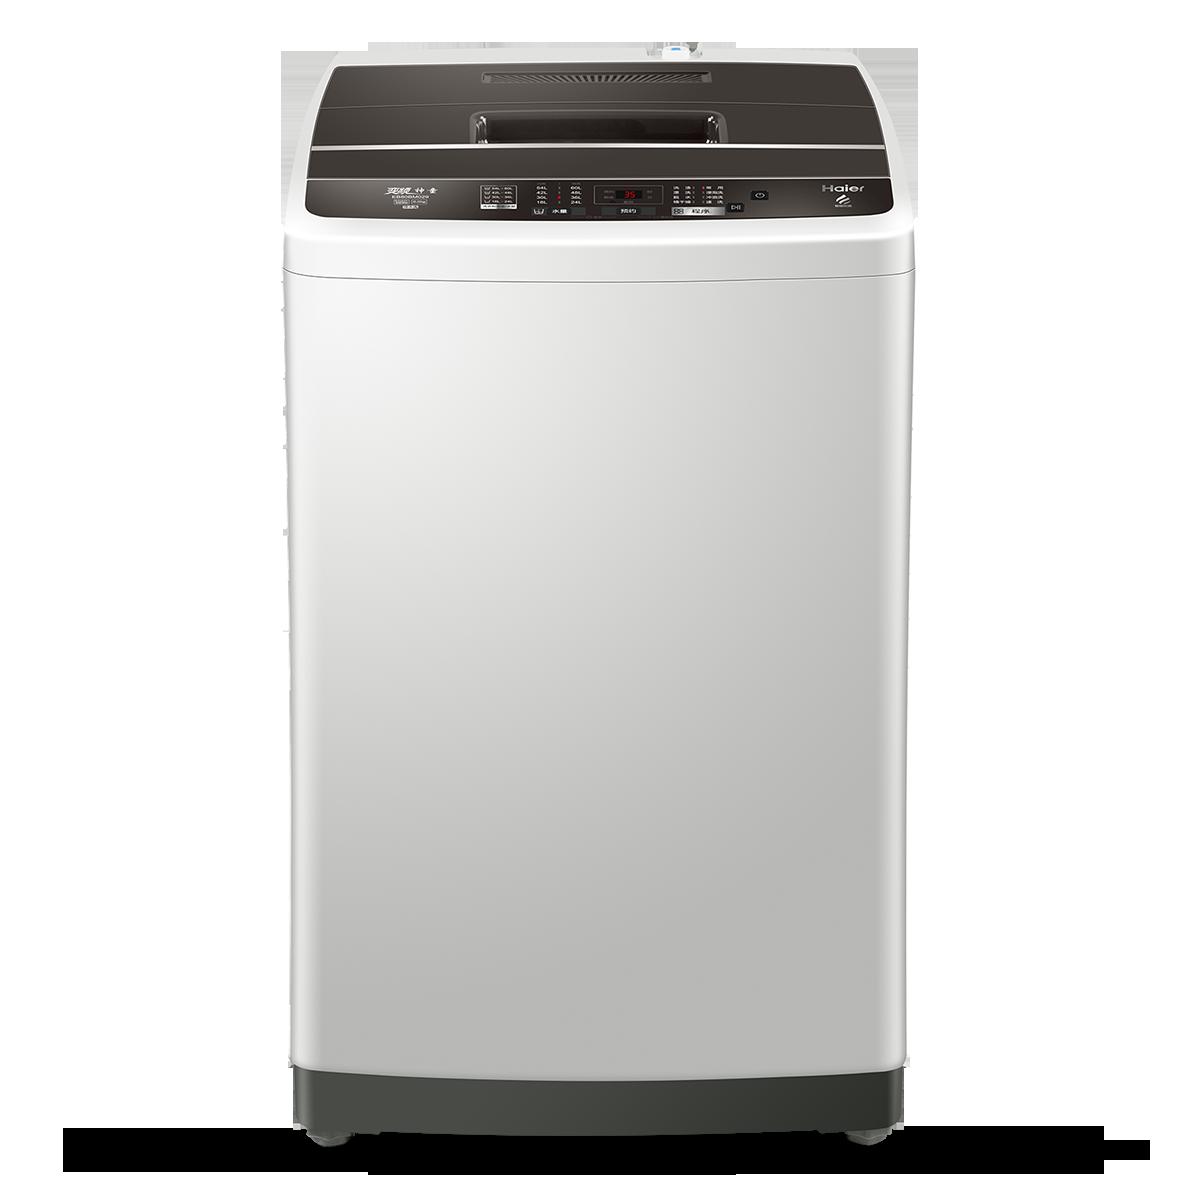 海尔Haier洗衣机 EB80BM029 说明书